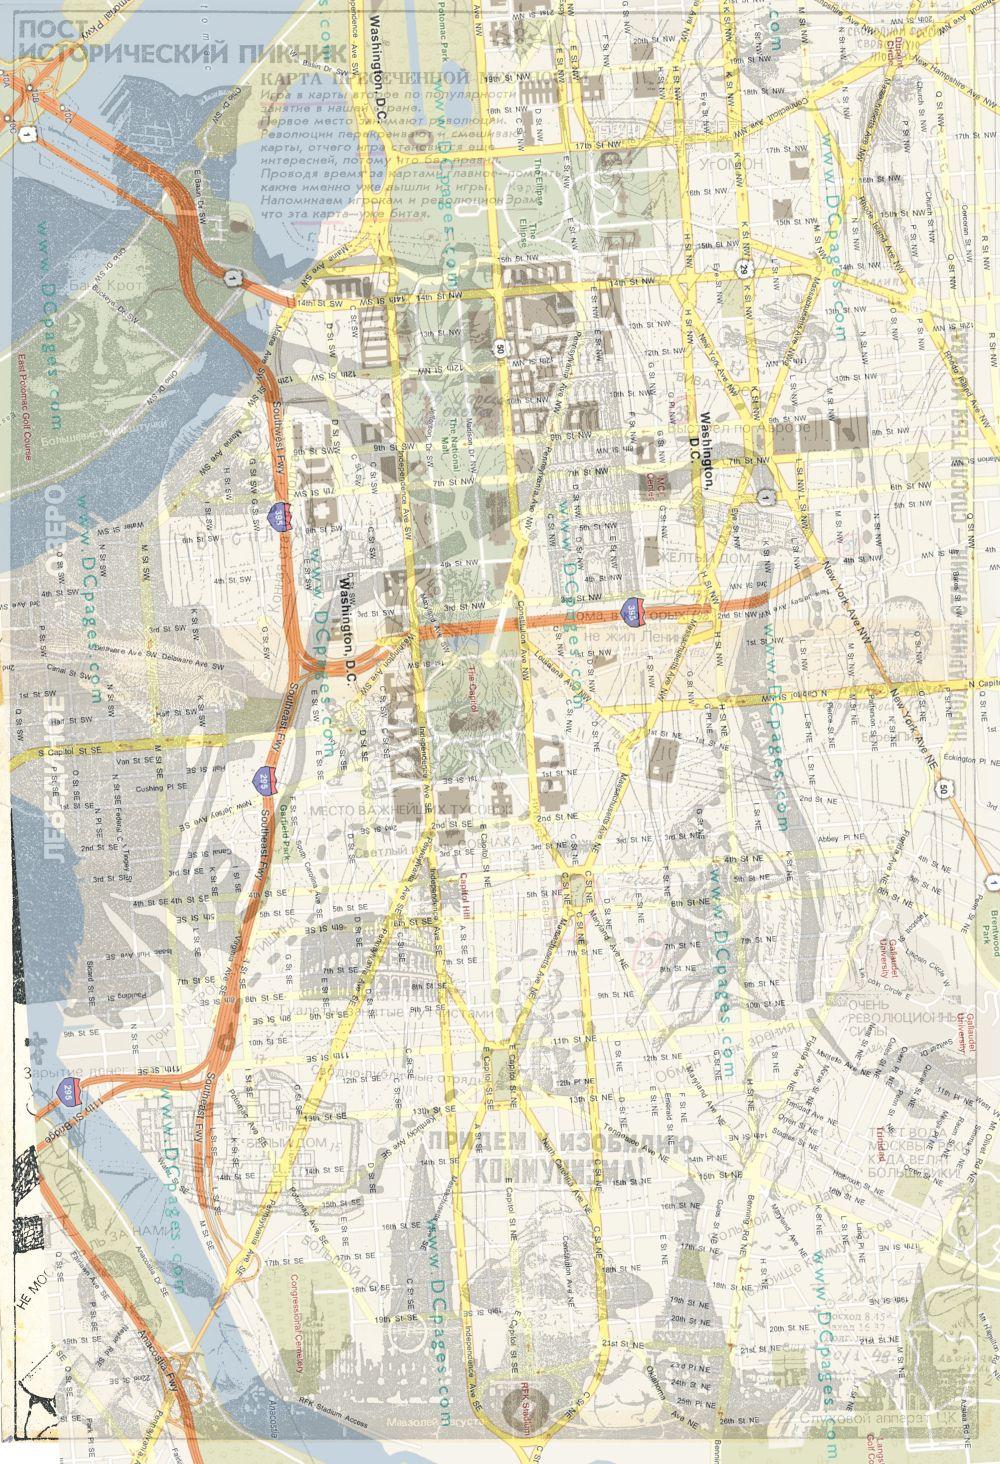 Наложение пост исторического пикника на современную карту Вашингтона